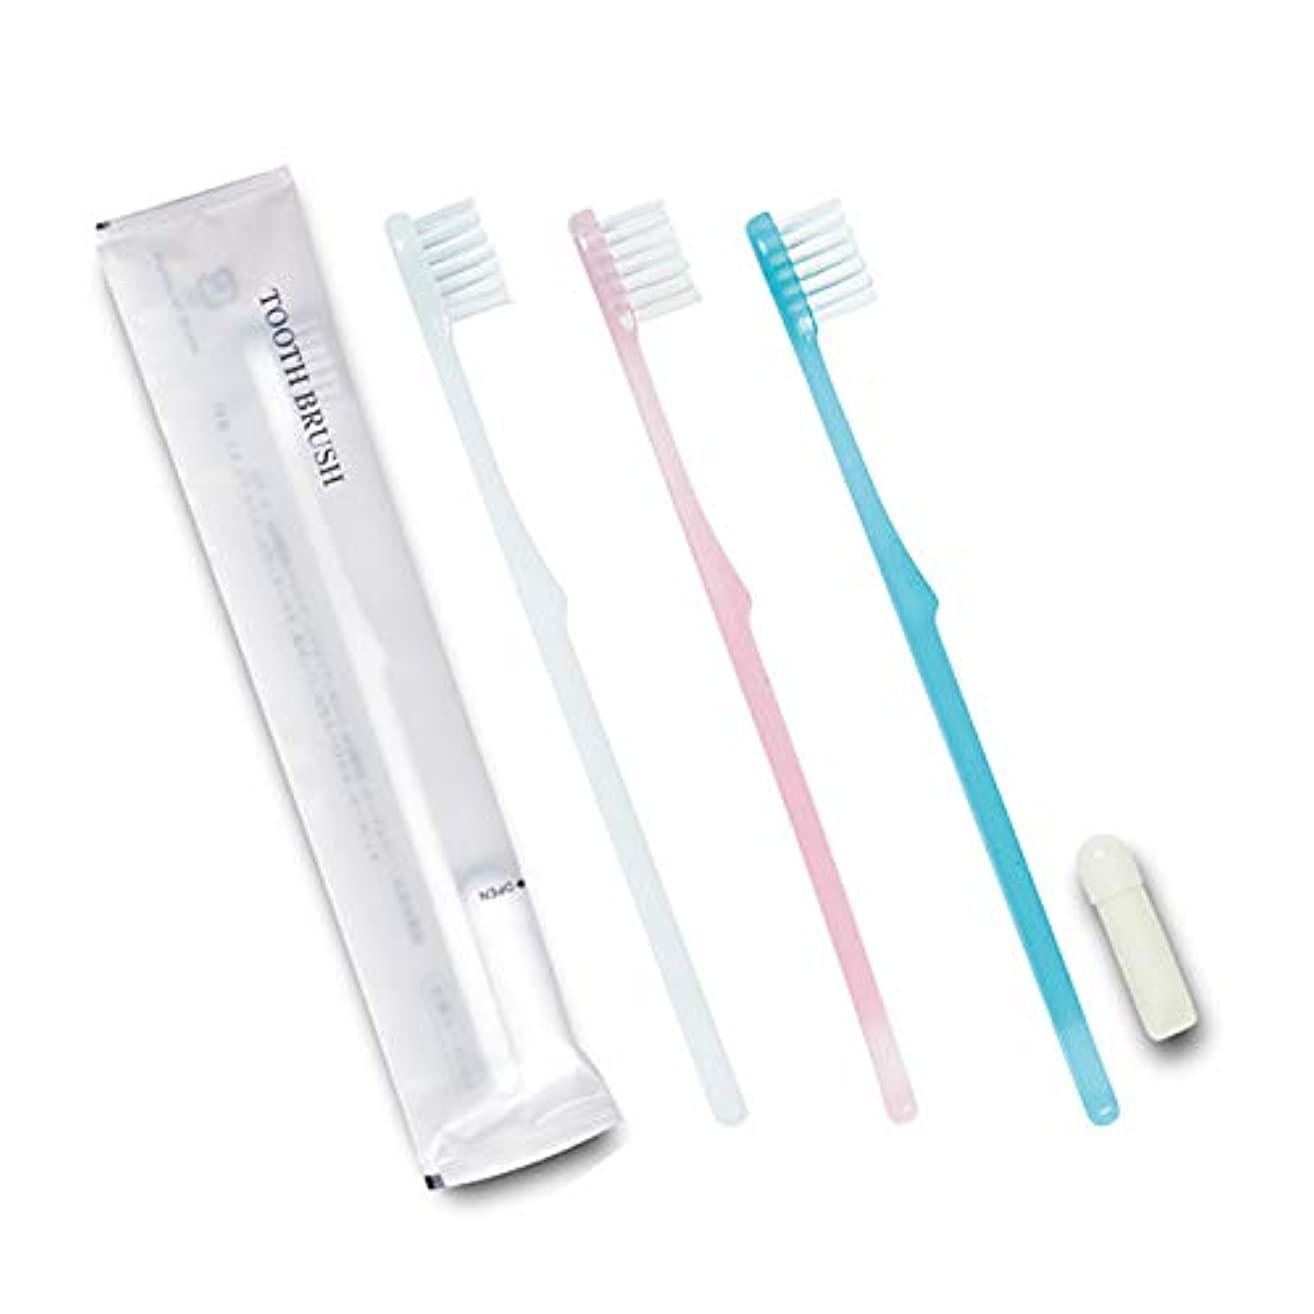 判決本質的ではない水没ホテル業務用歯ブラシ24穴(白・ブルー・ピンク)3色アソート 3gチューブ マット袋Sタイプ 30本